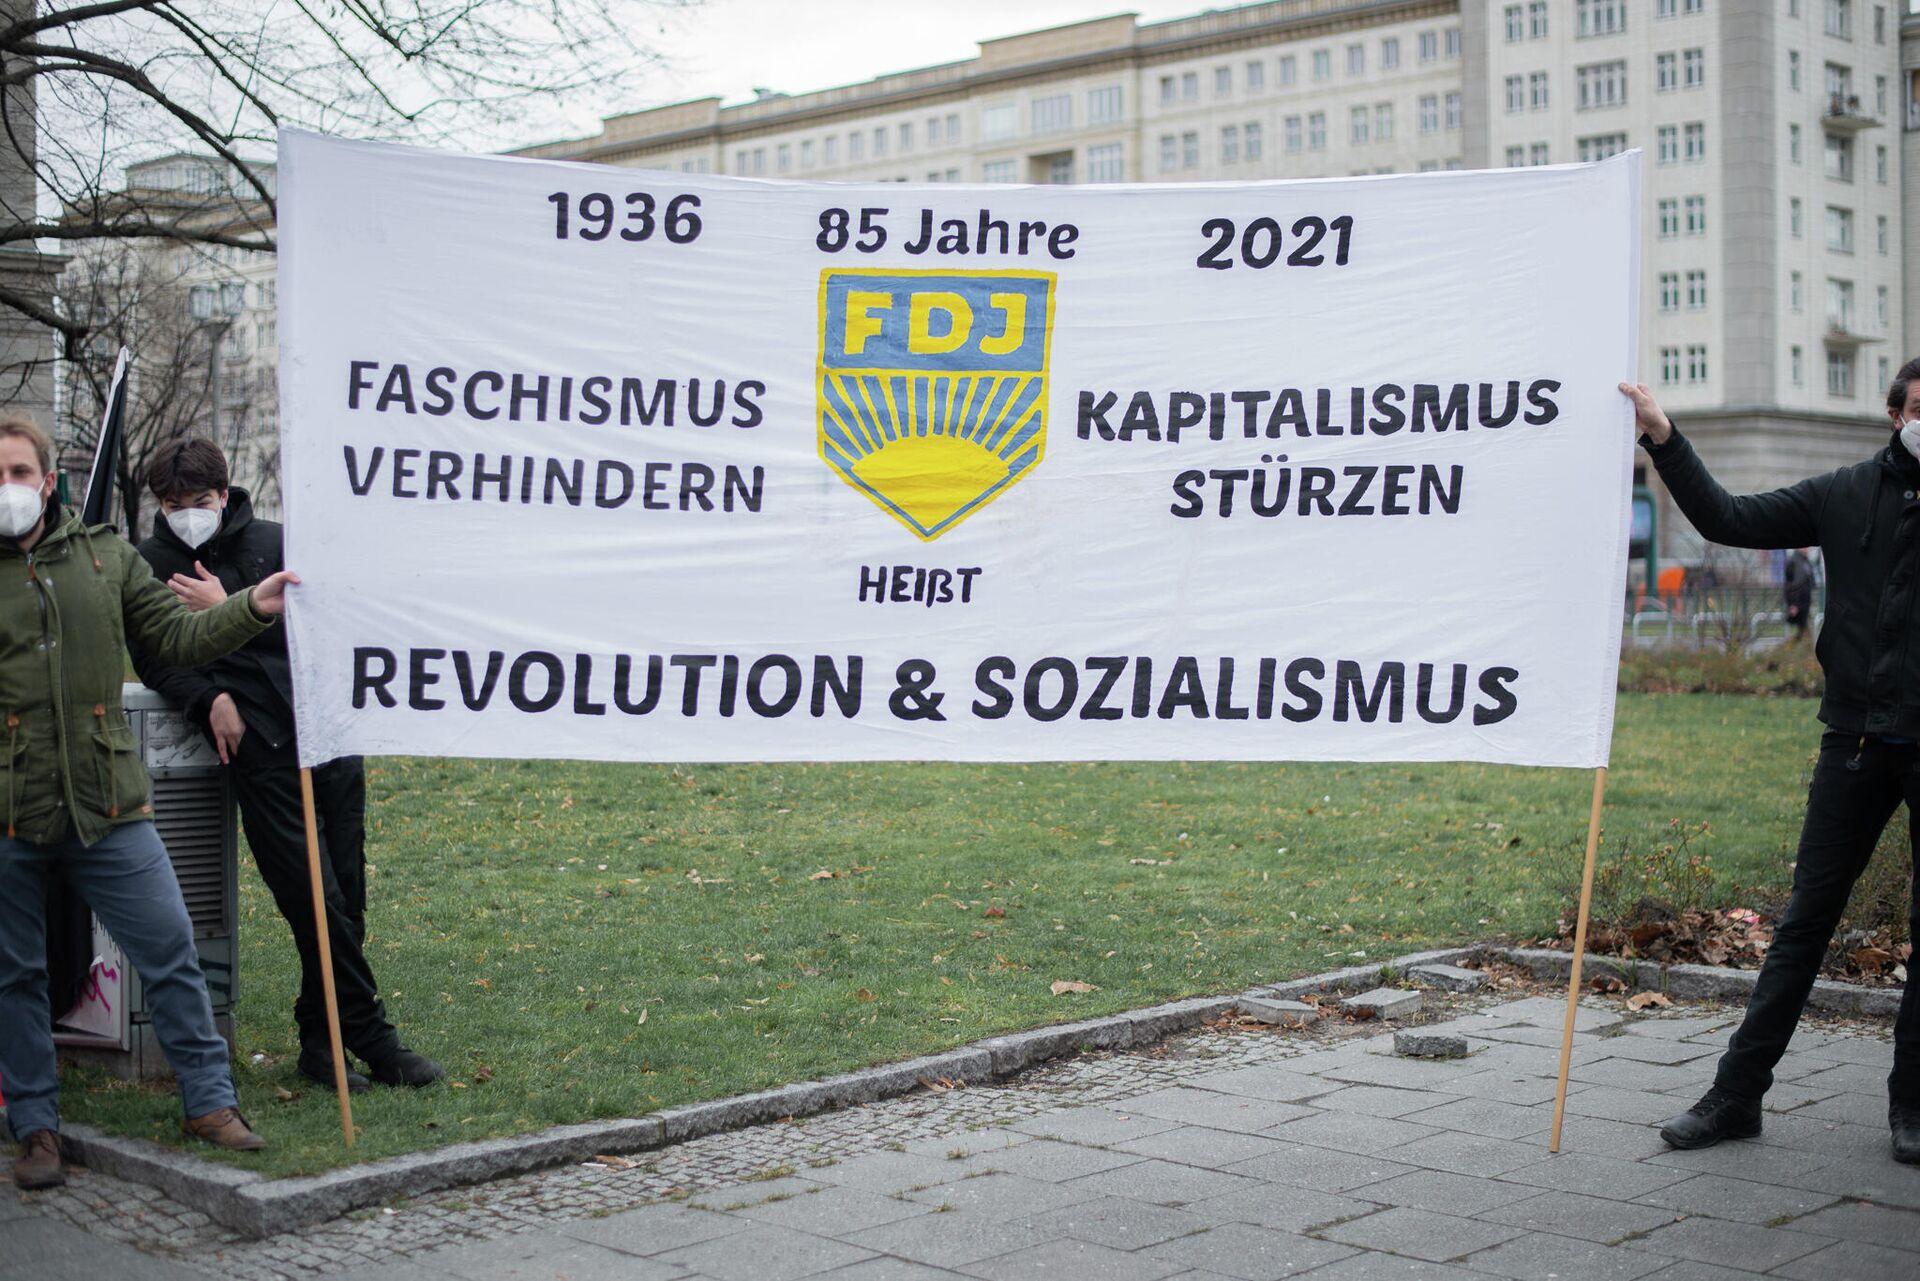 Linke Kundgebung nach Polizeieinsatz gegen FDJ in Berlin - SNA, 1920, 23.01.2021